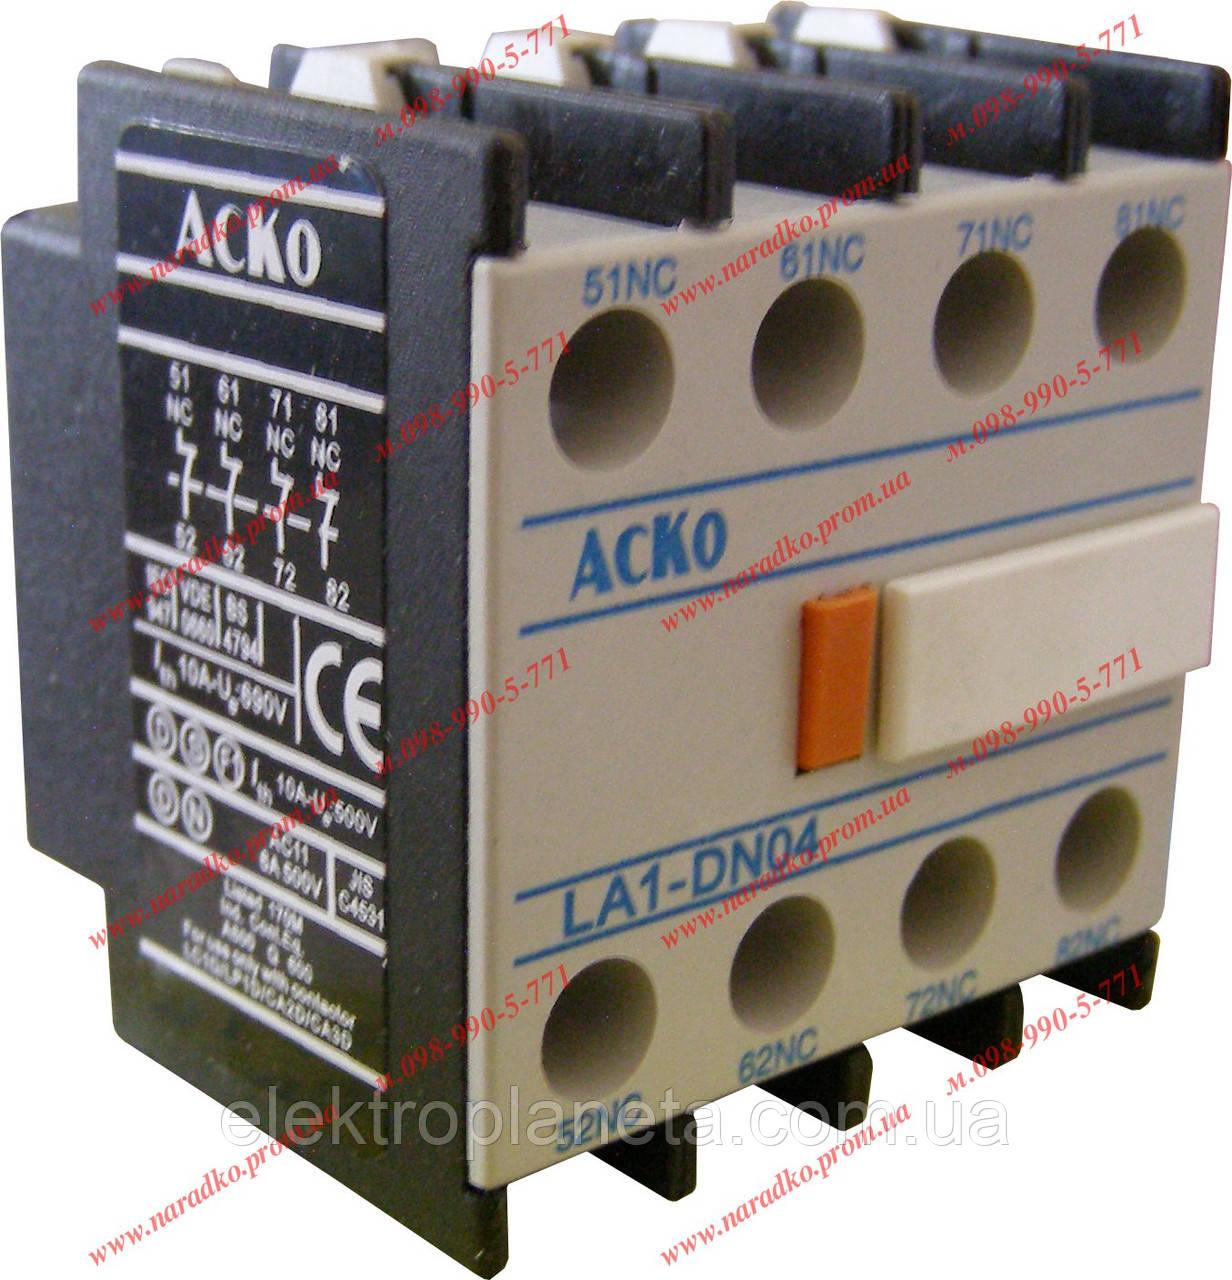 Дополнительный контакт для магнитного пускателя ДК-31 (LA1-DN31) - ФОП «НАРАДЬКО Б. Ю.» в Киевской области